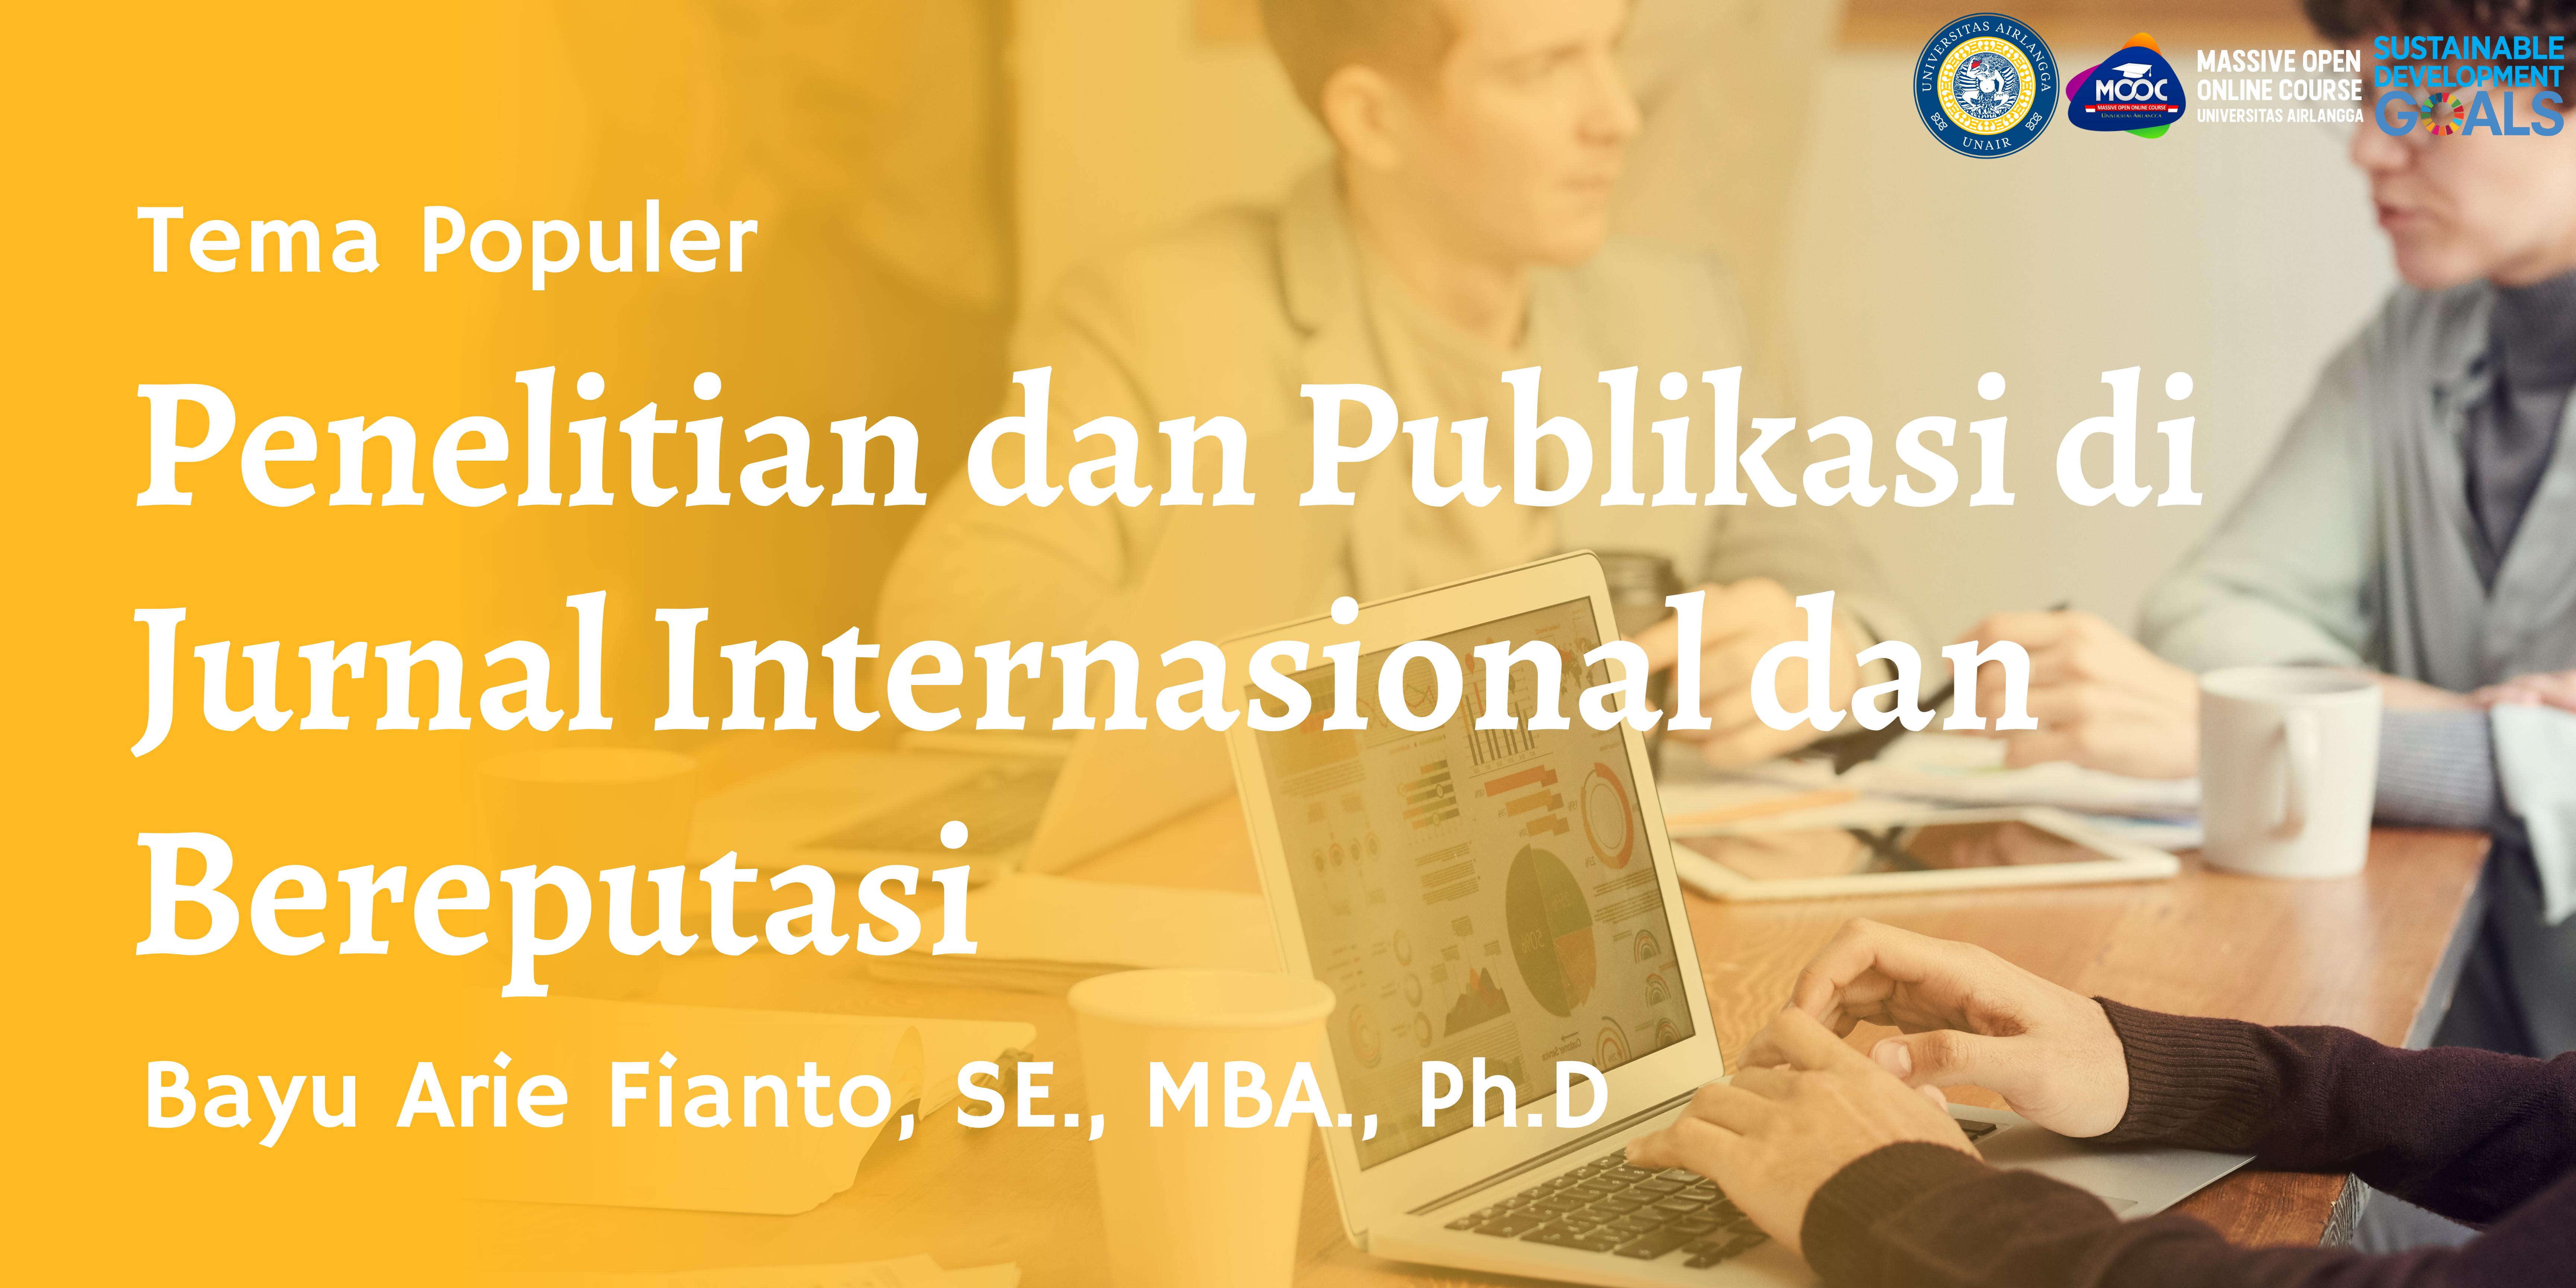 Penelitian dan Publikasi di Jurnal Internasional dan Bereputasi